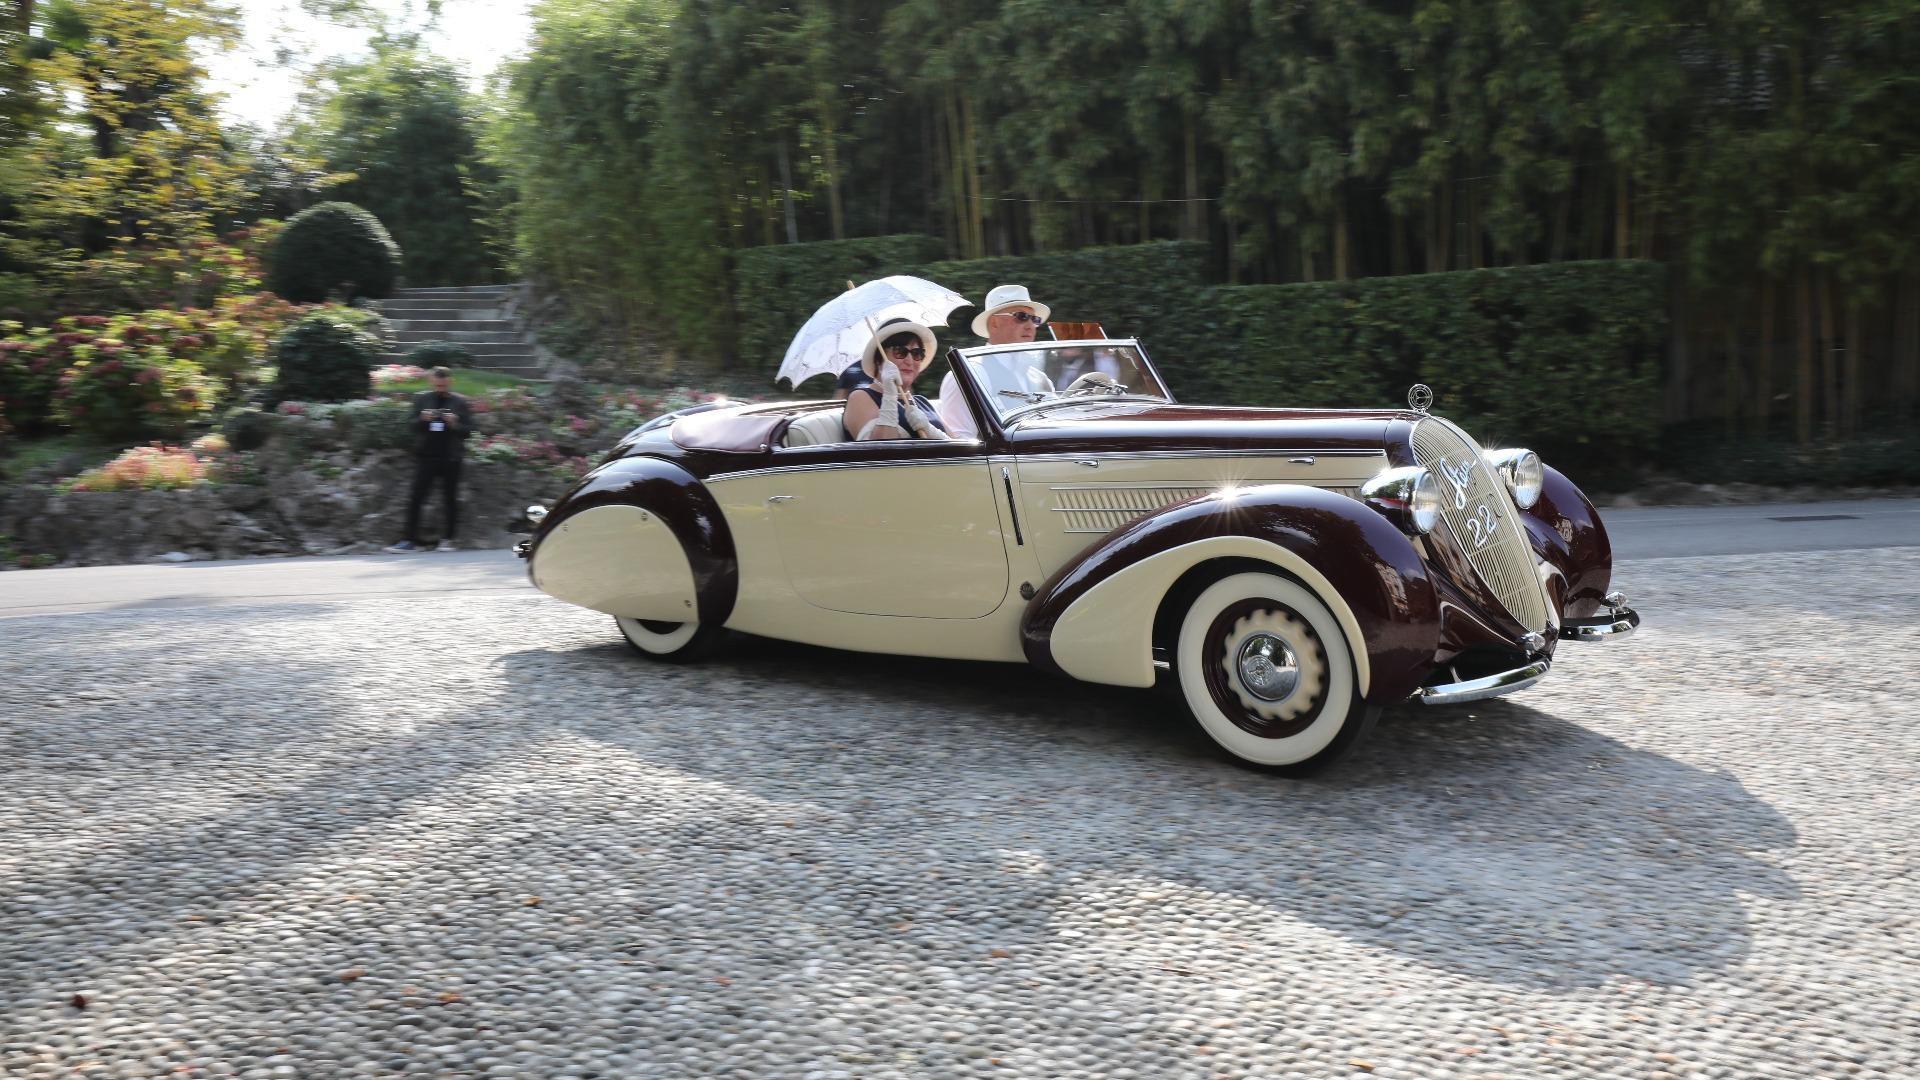 Steyr fra Østerrike har laget mye forskjellig opp gjennom årene, inkludert pene biler, som denne 1939 Steyr 220 Sport-Kabriolet med karosseri fra Gläser.